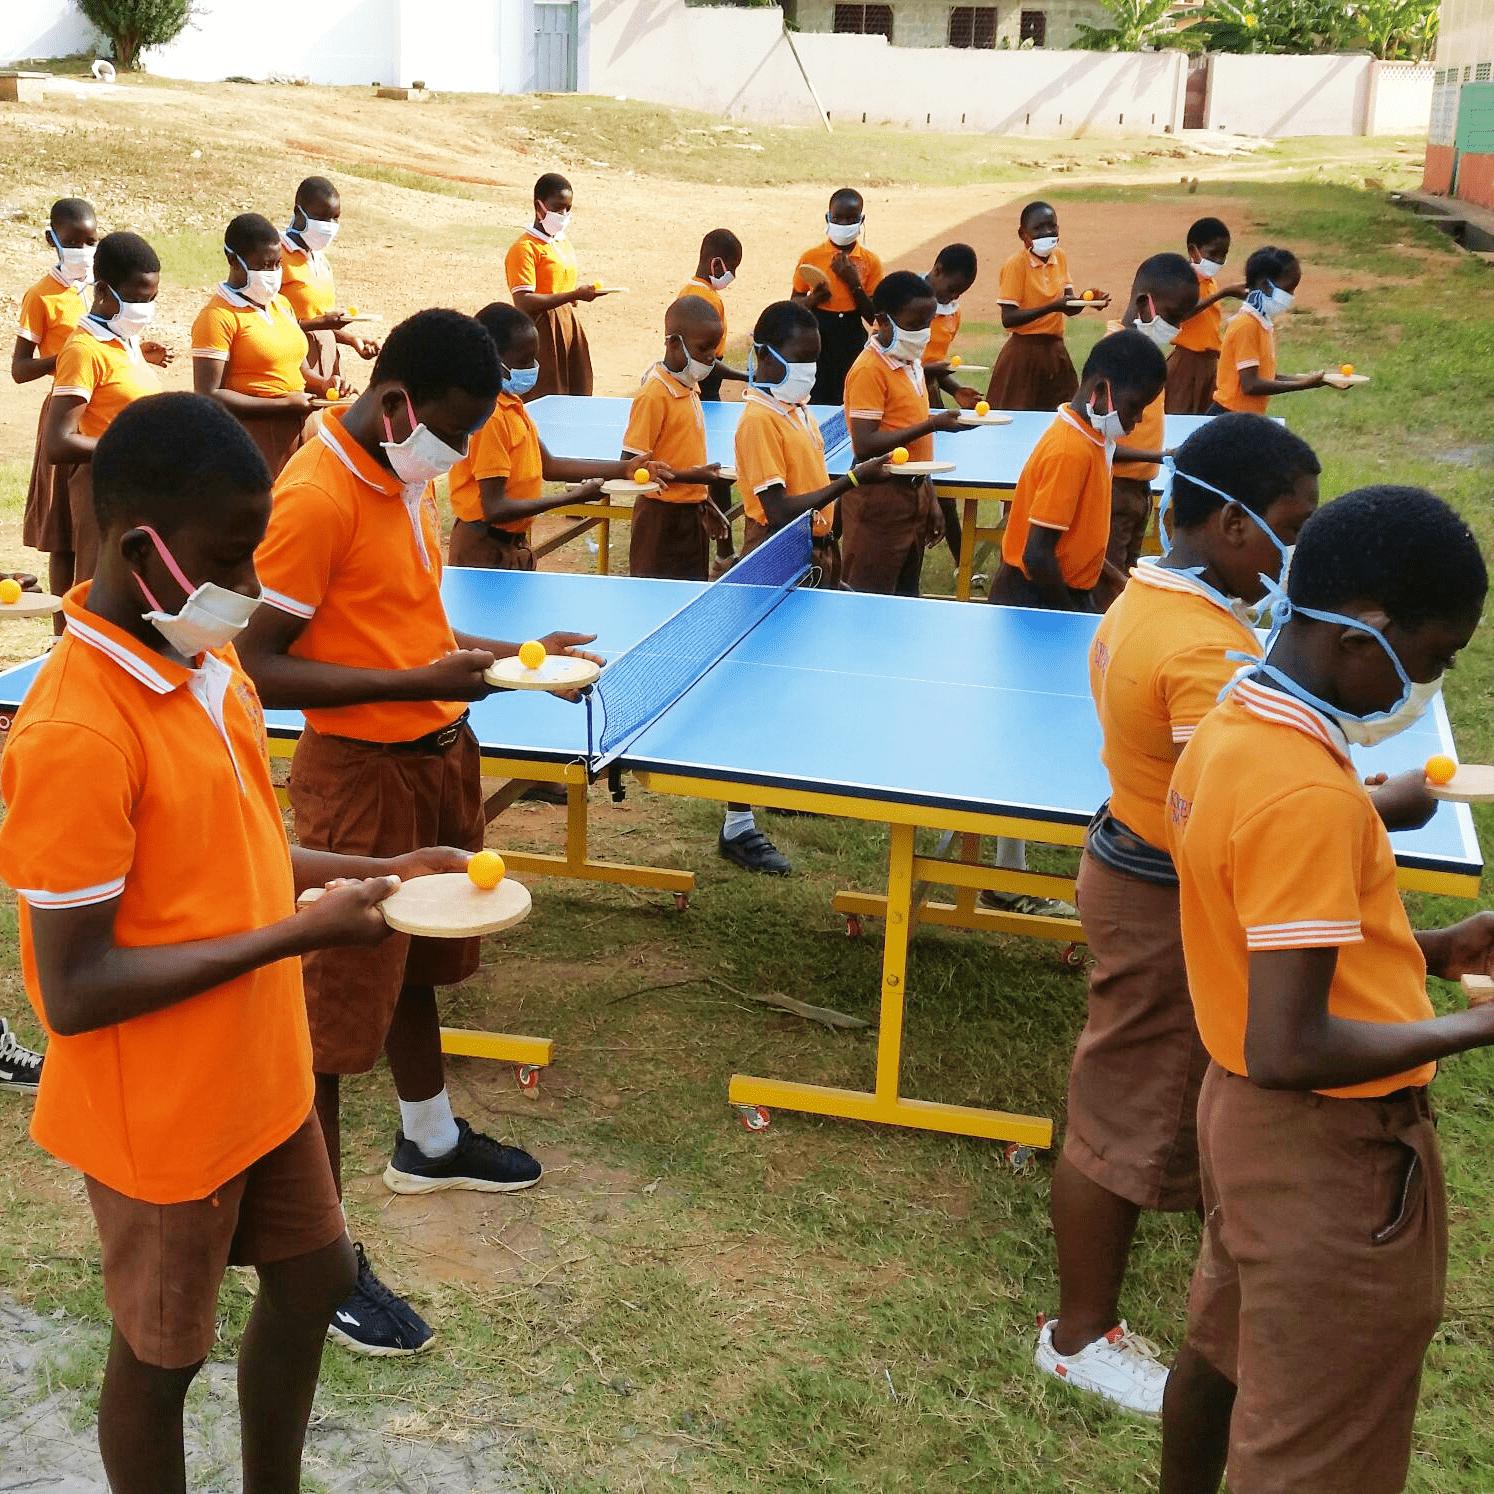 Les entraînements continuent au Ghana !